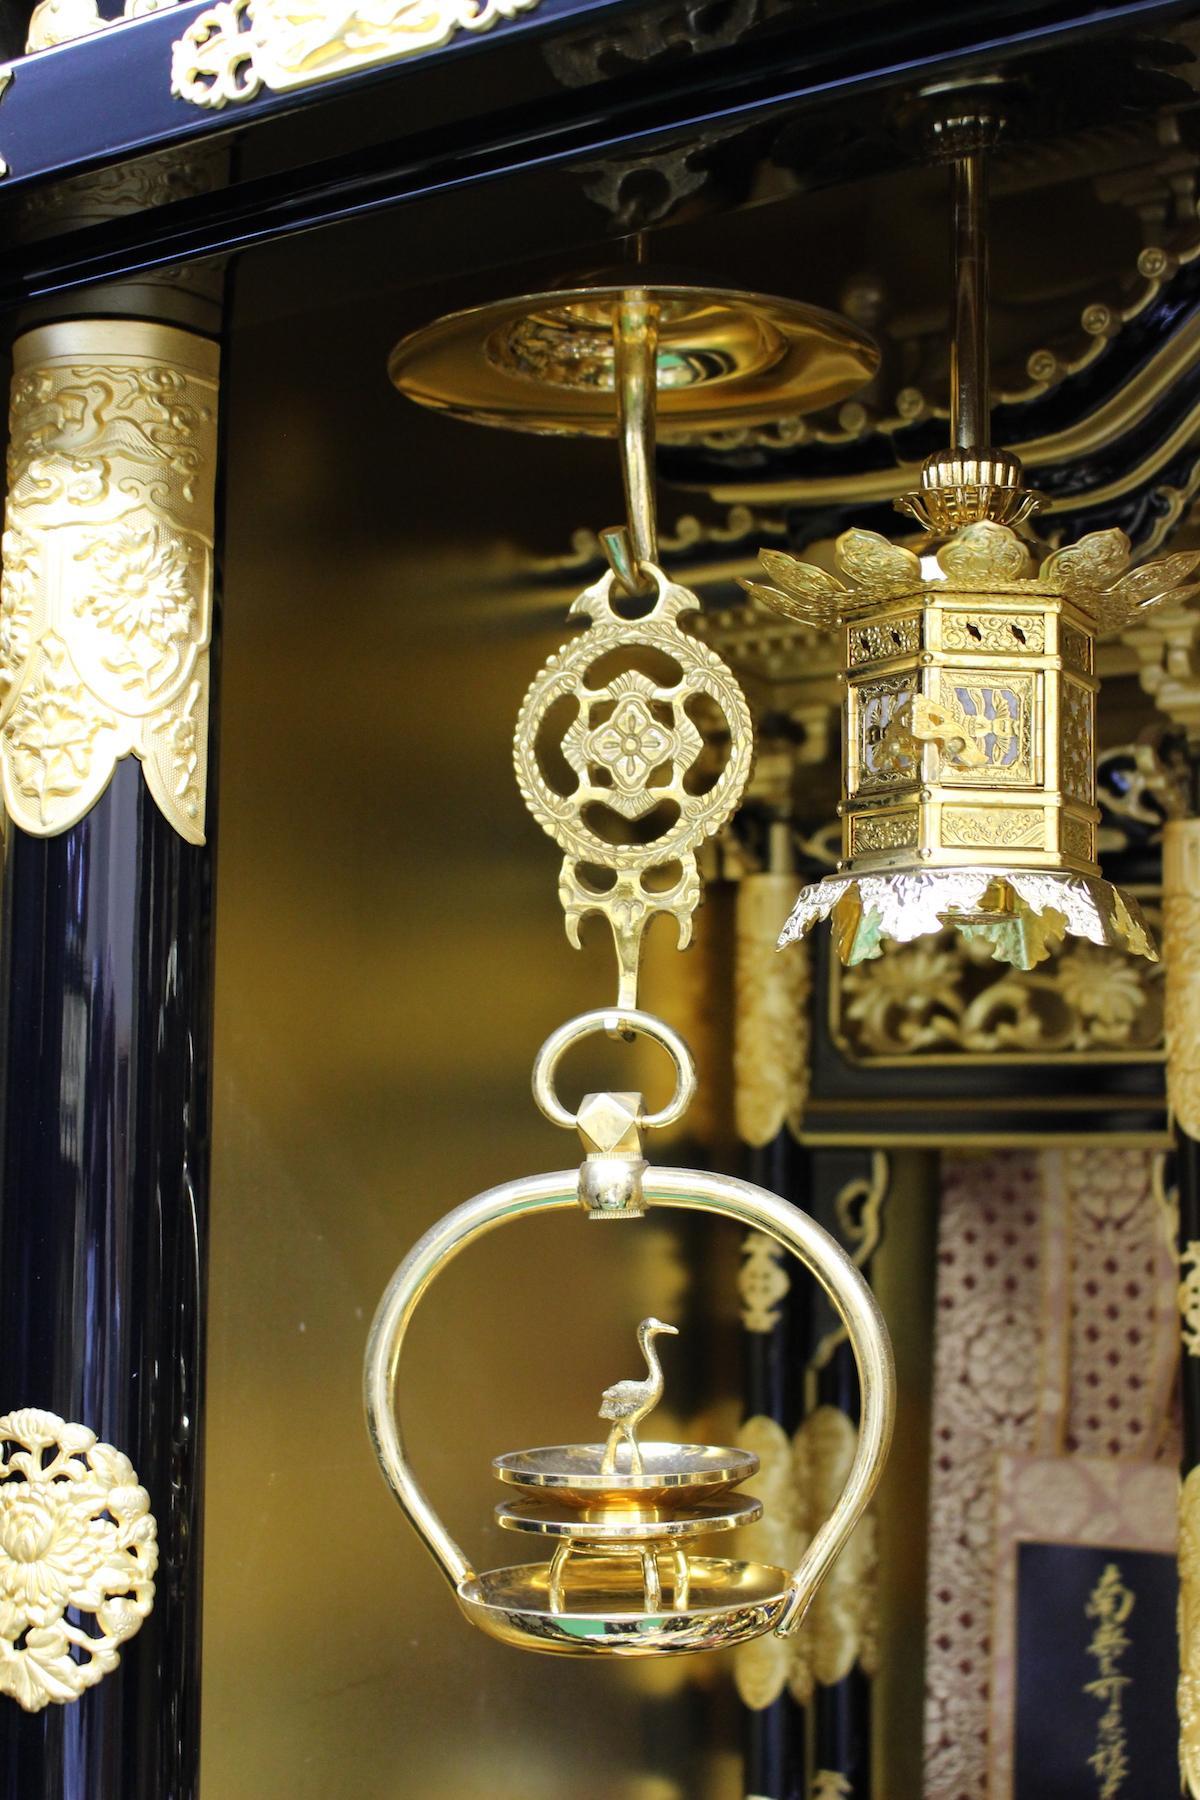 輪灯(リントウ:天井から吊るし主に浄土真宗で使う。本来は皿の部分で火を灯す仏具)